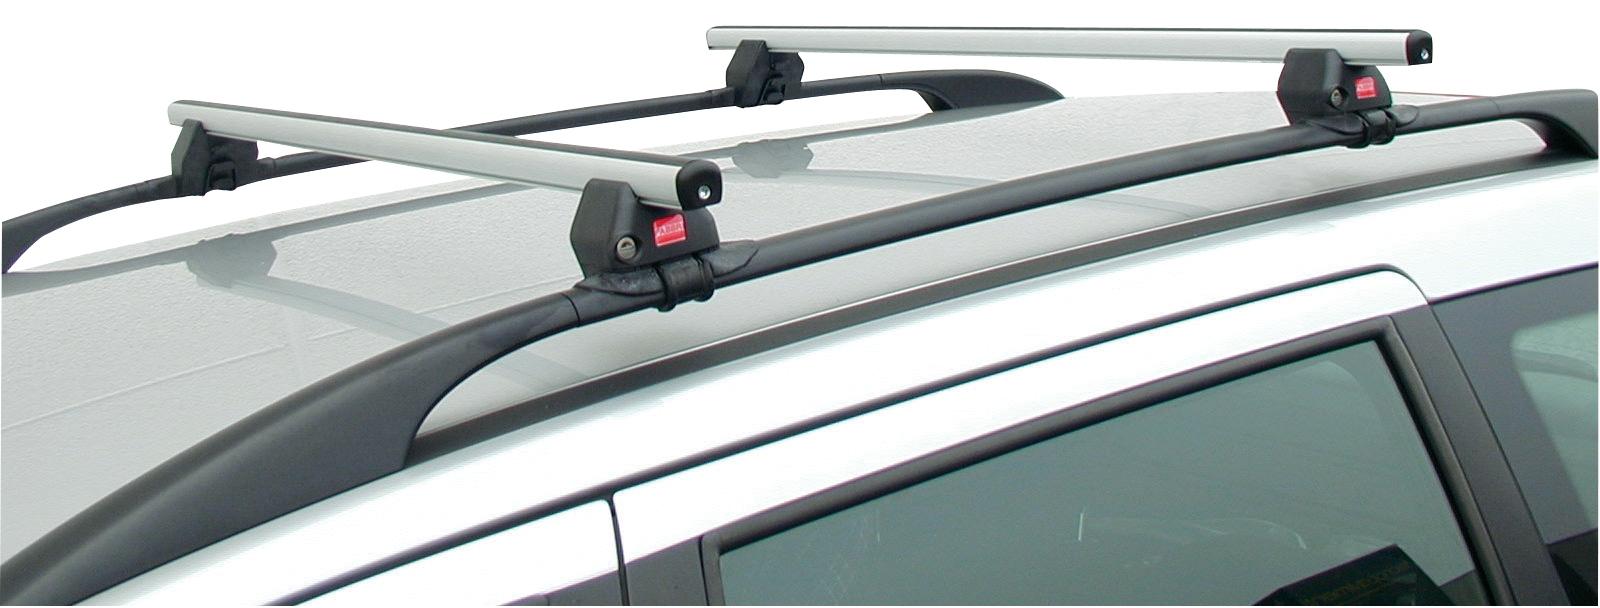 Barre portatutto per auto con reling standard corrimano - Barre portatutto universali ikea ...